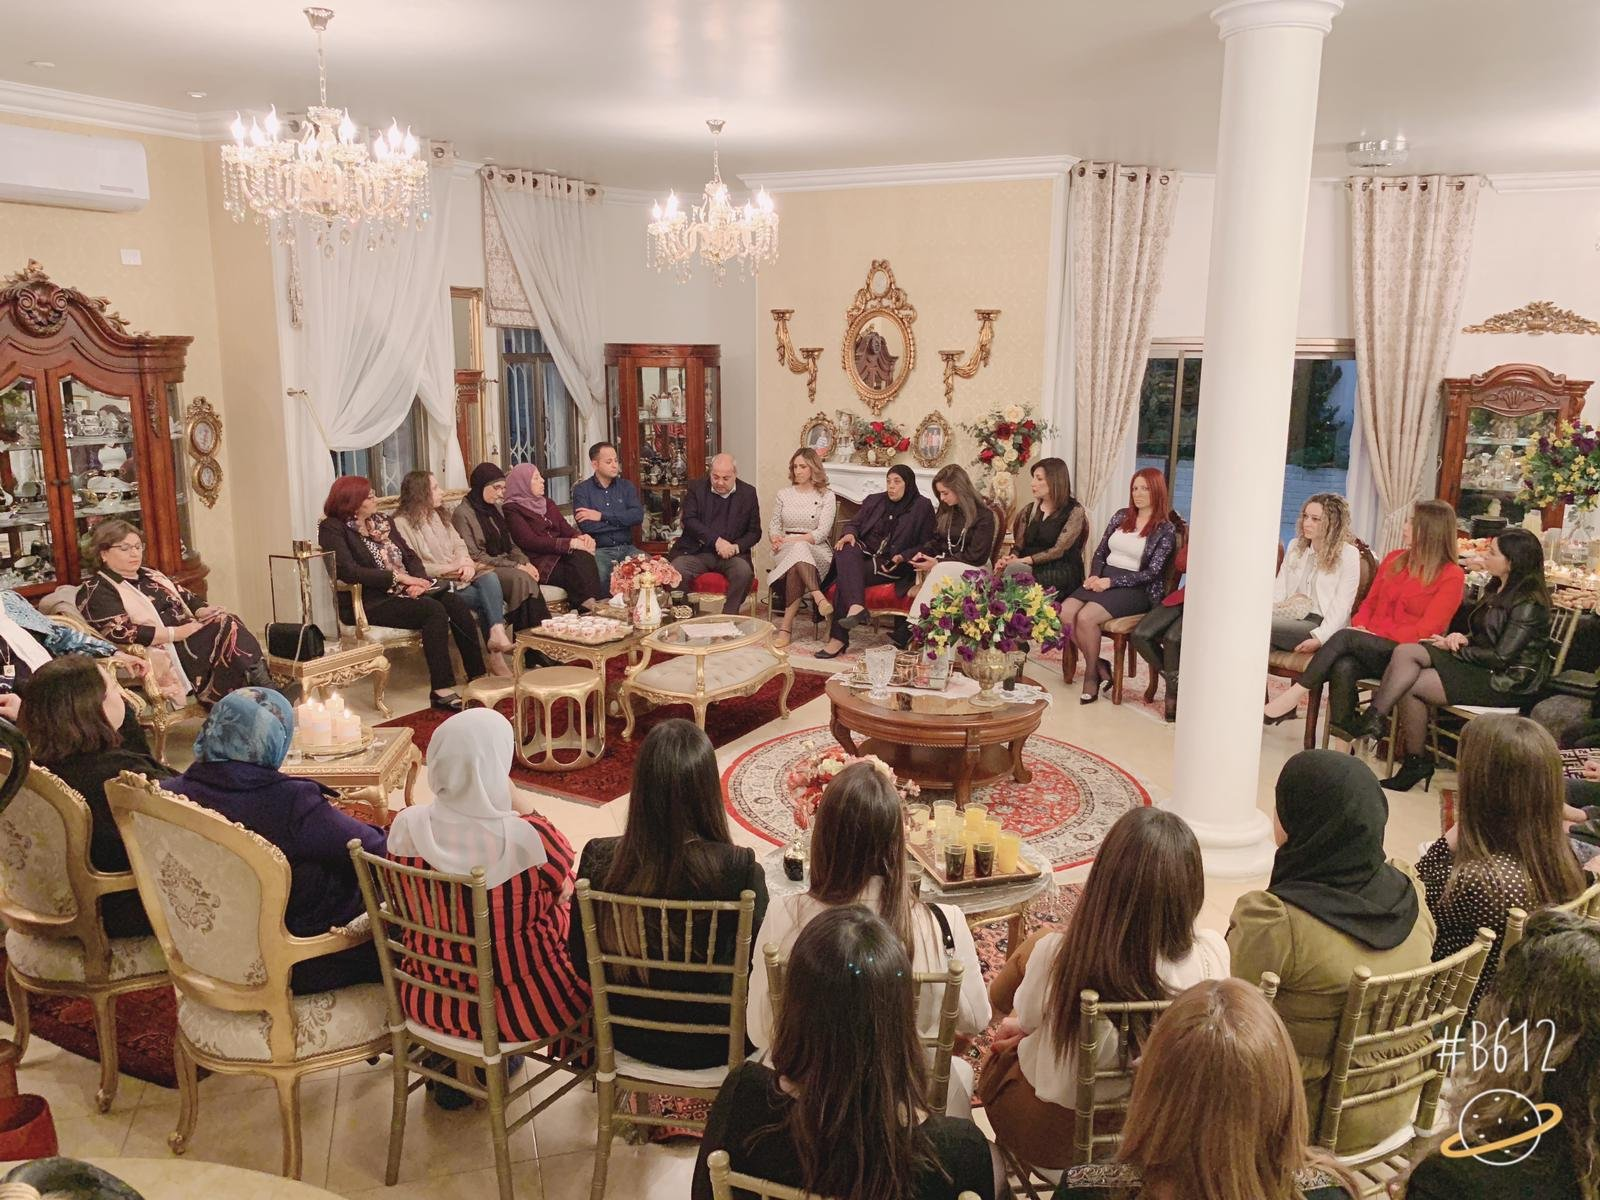 الطيبة: اجتماع انتخابي نسائي للجبهة والتغيير بحضور المرشحة سندس صالح